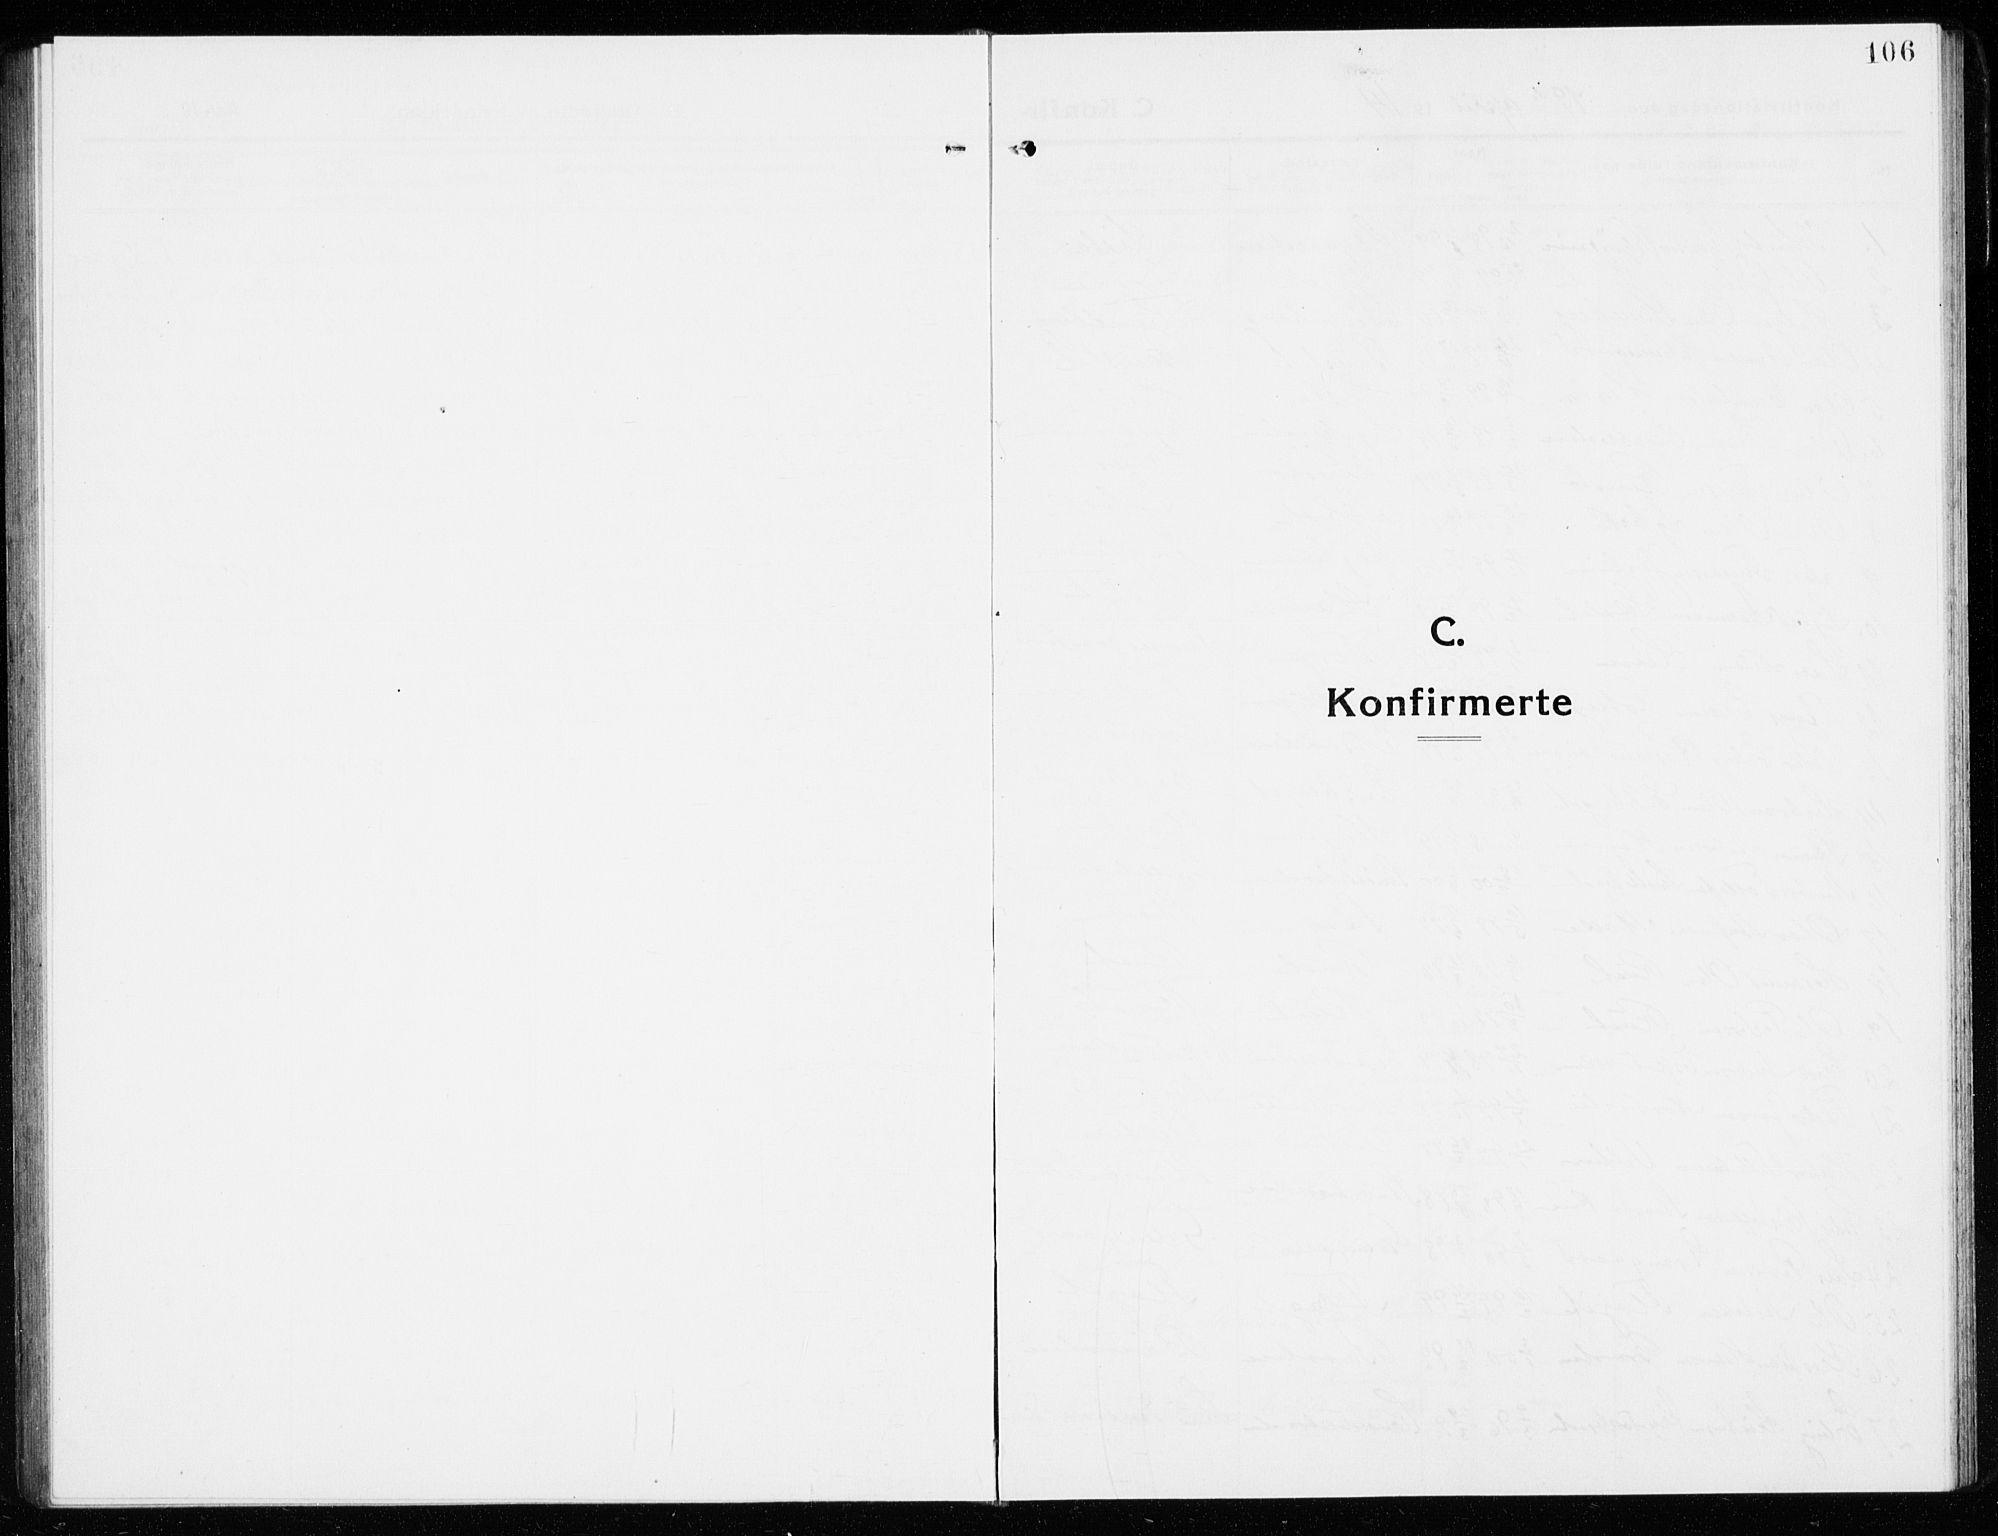 SAKO, Gol kirkebøker, G/Ga/L0004: Klokkerbok nr. I 4, 1915-1943, s. 106